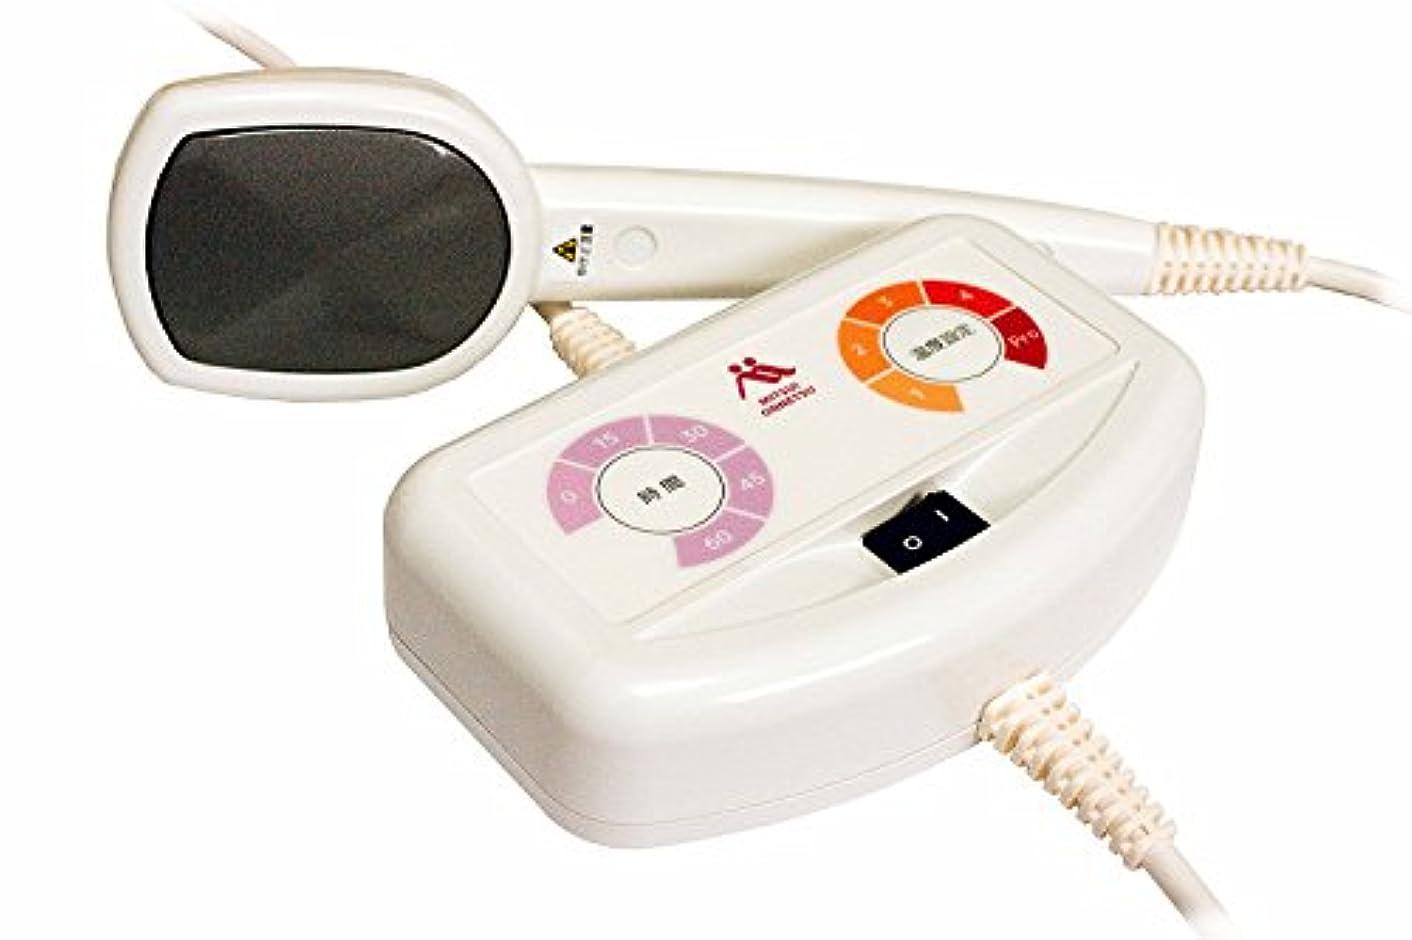 テクスチャー却下する第五三井温熱治療器3